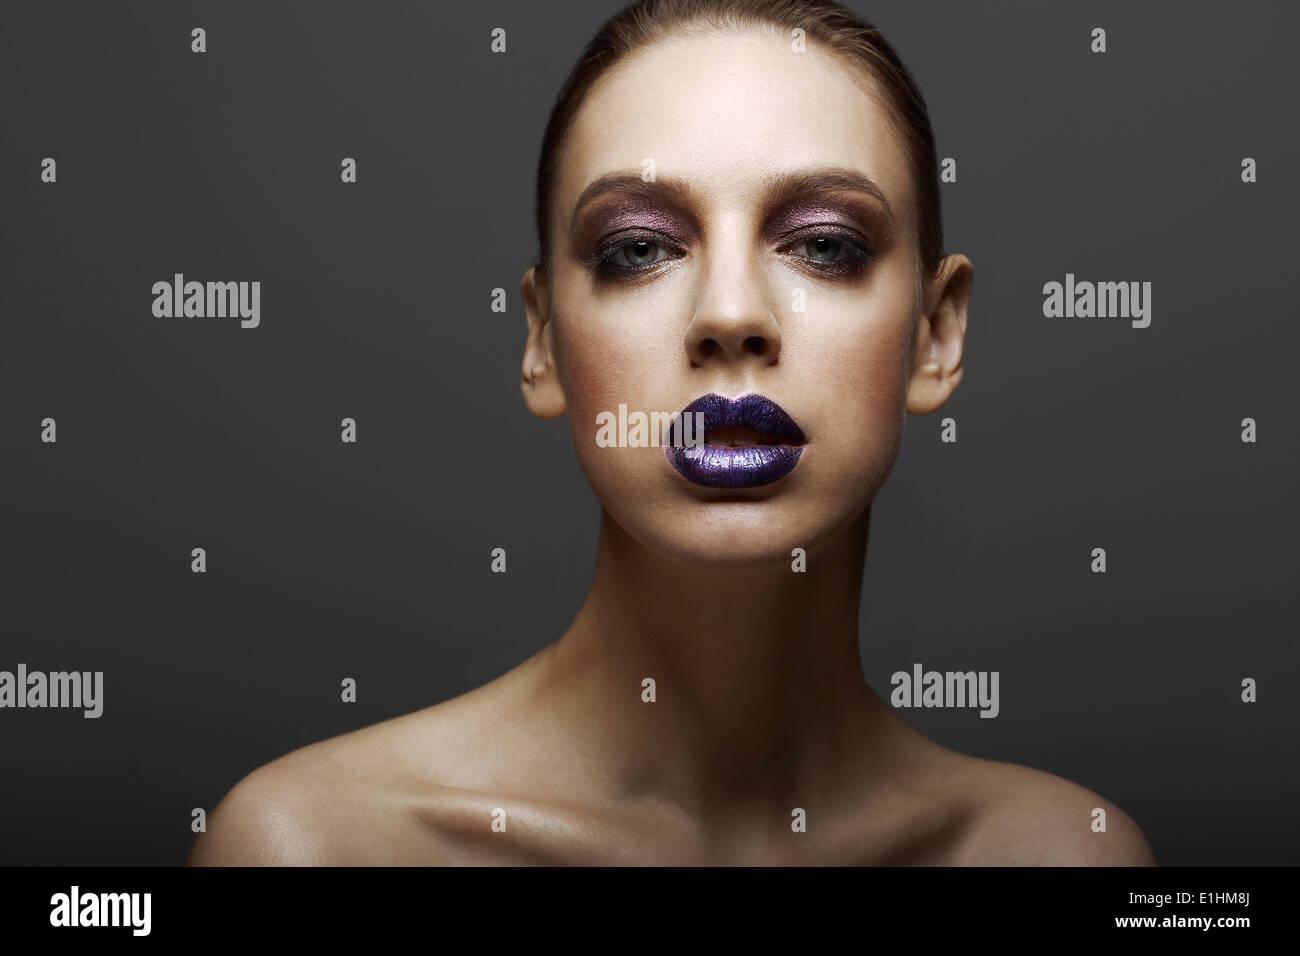 Glam. Elegante mujer ambiciosa con maquillaje brillante satinado. La elegancia Imagen De Stock